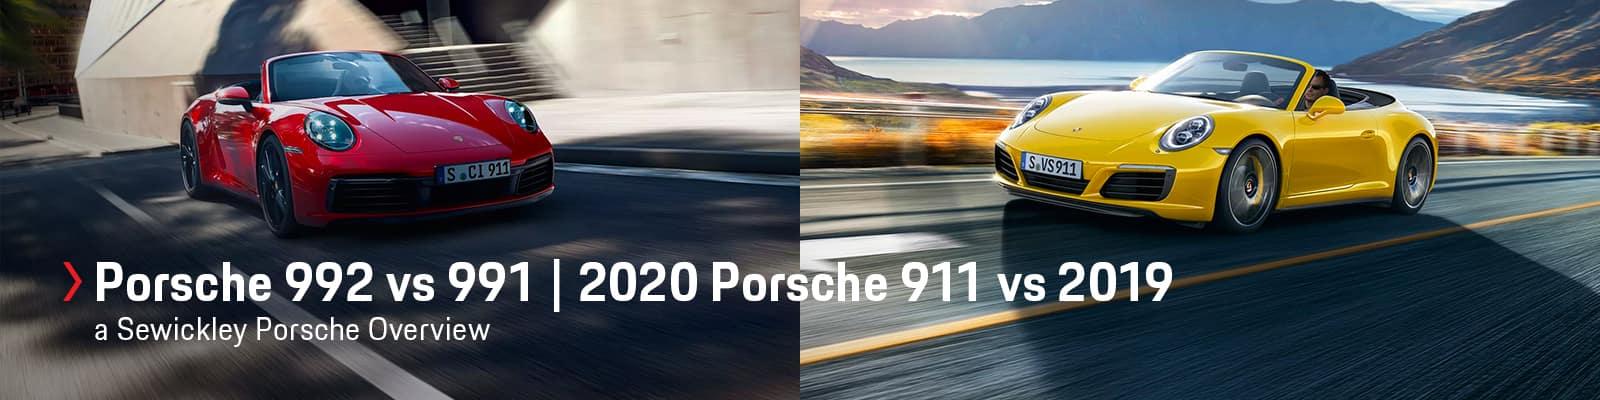 2020 Porsche 911 (992) vs 2019 Porsche 911 (991) at Sewickley Porsche